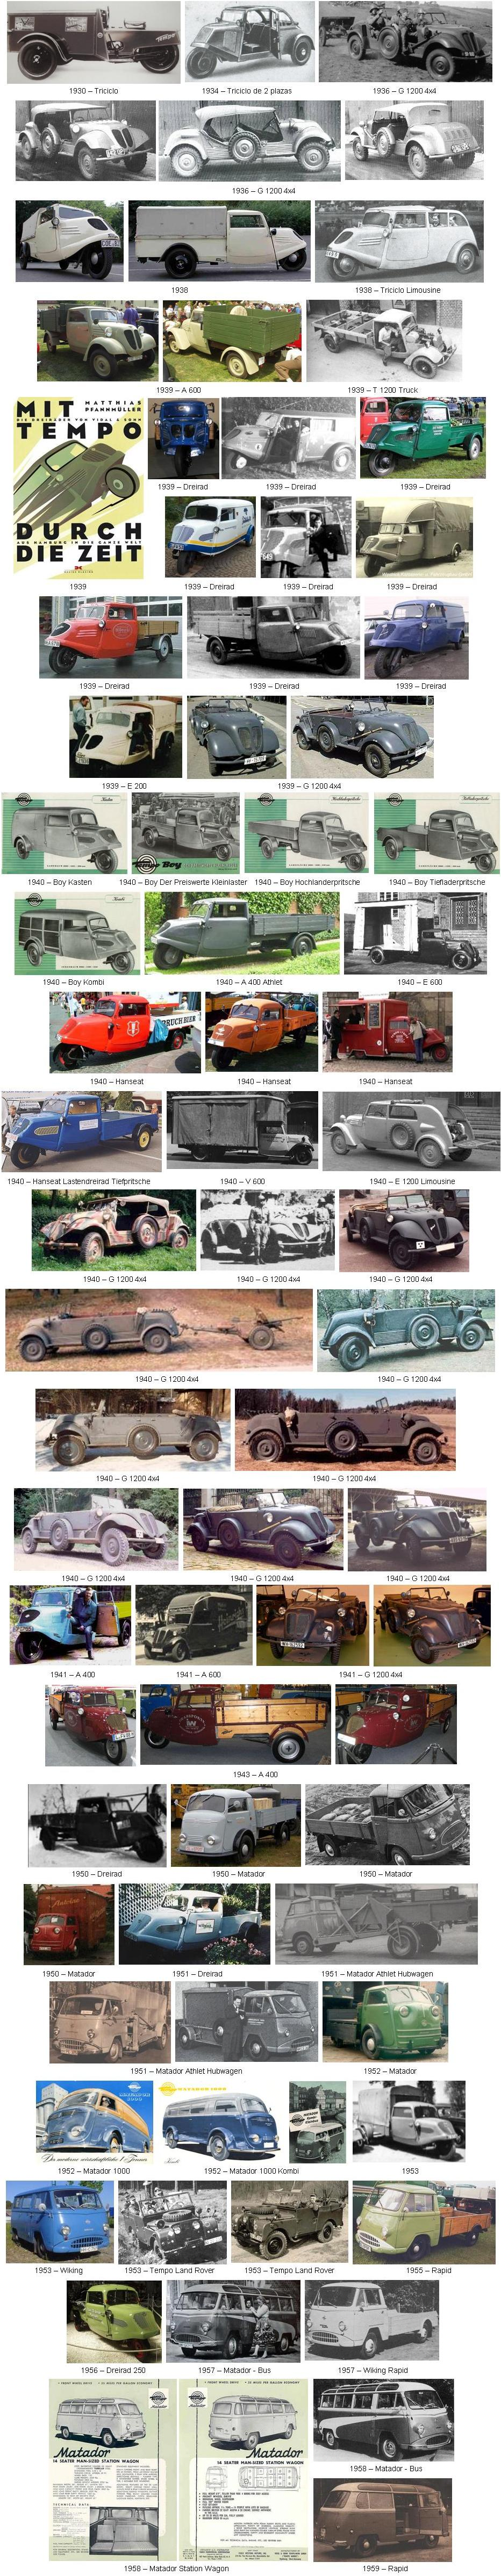 CAMIONES Y FURGONETAS-http://www.autopasion18.com/IMAGENES-COCHES-REALES-HISTORIAS/TEMPO-01.JPG